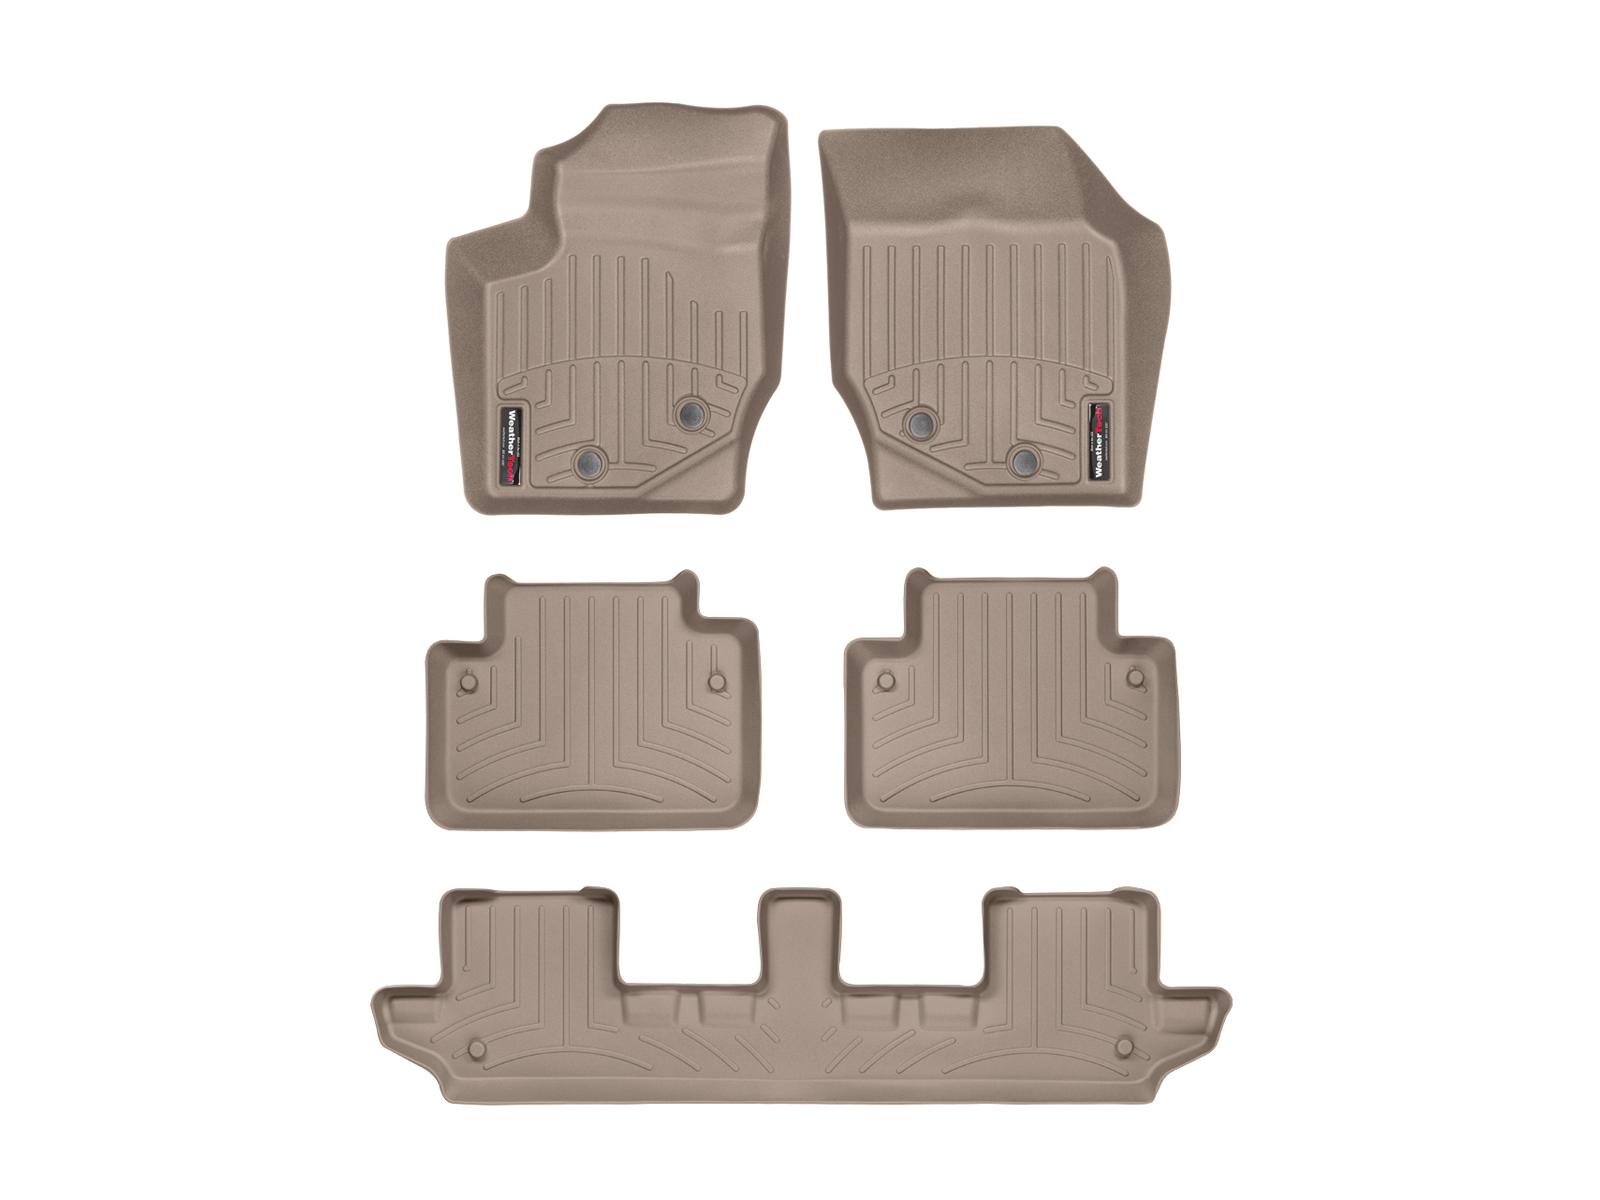 Tappeti gomma su misura bordo alto Volvo XC90 03>14 Marrone A4445*